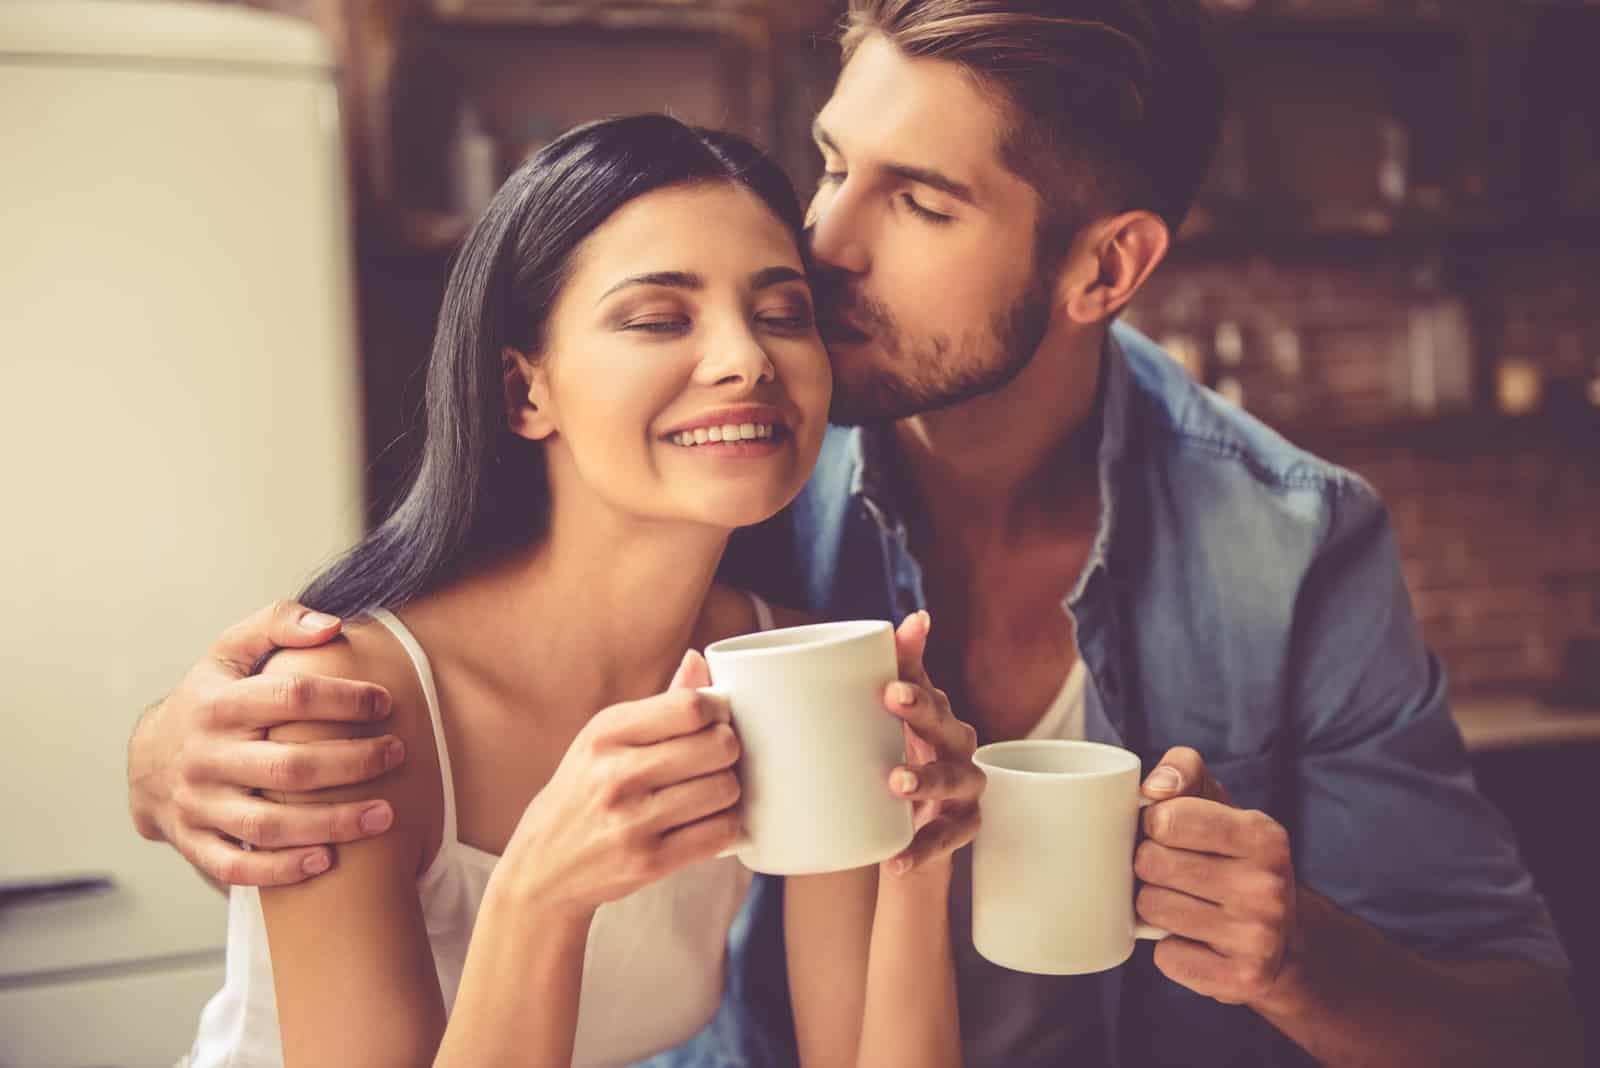 Ein Mann küsst eine Frau beim Kaffeetrinken auf die Stirn